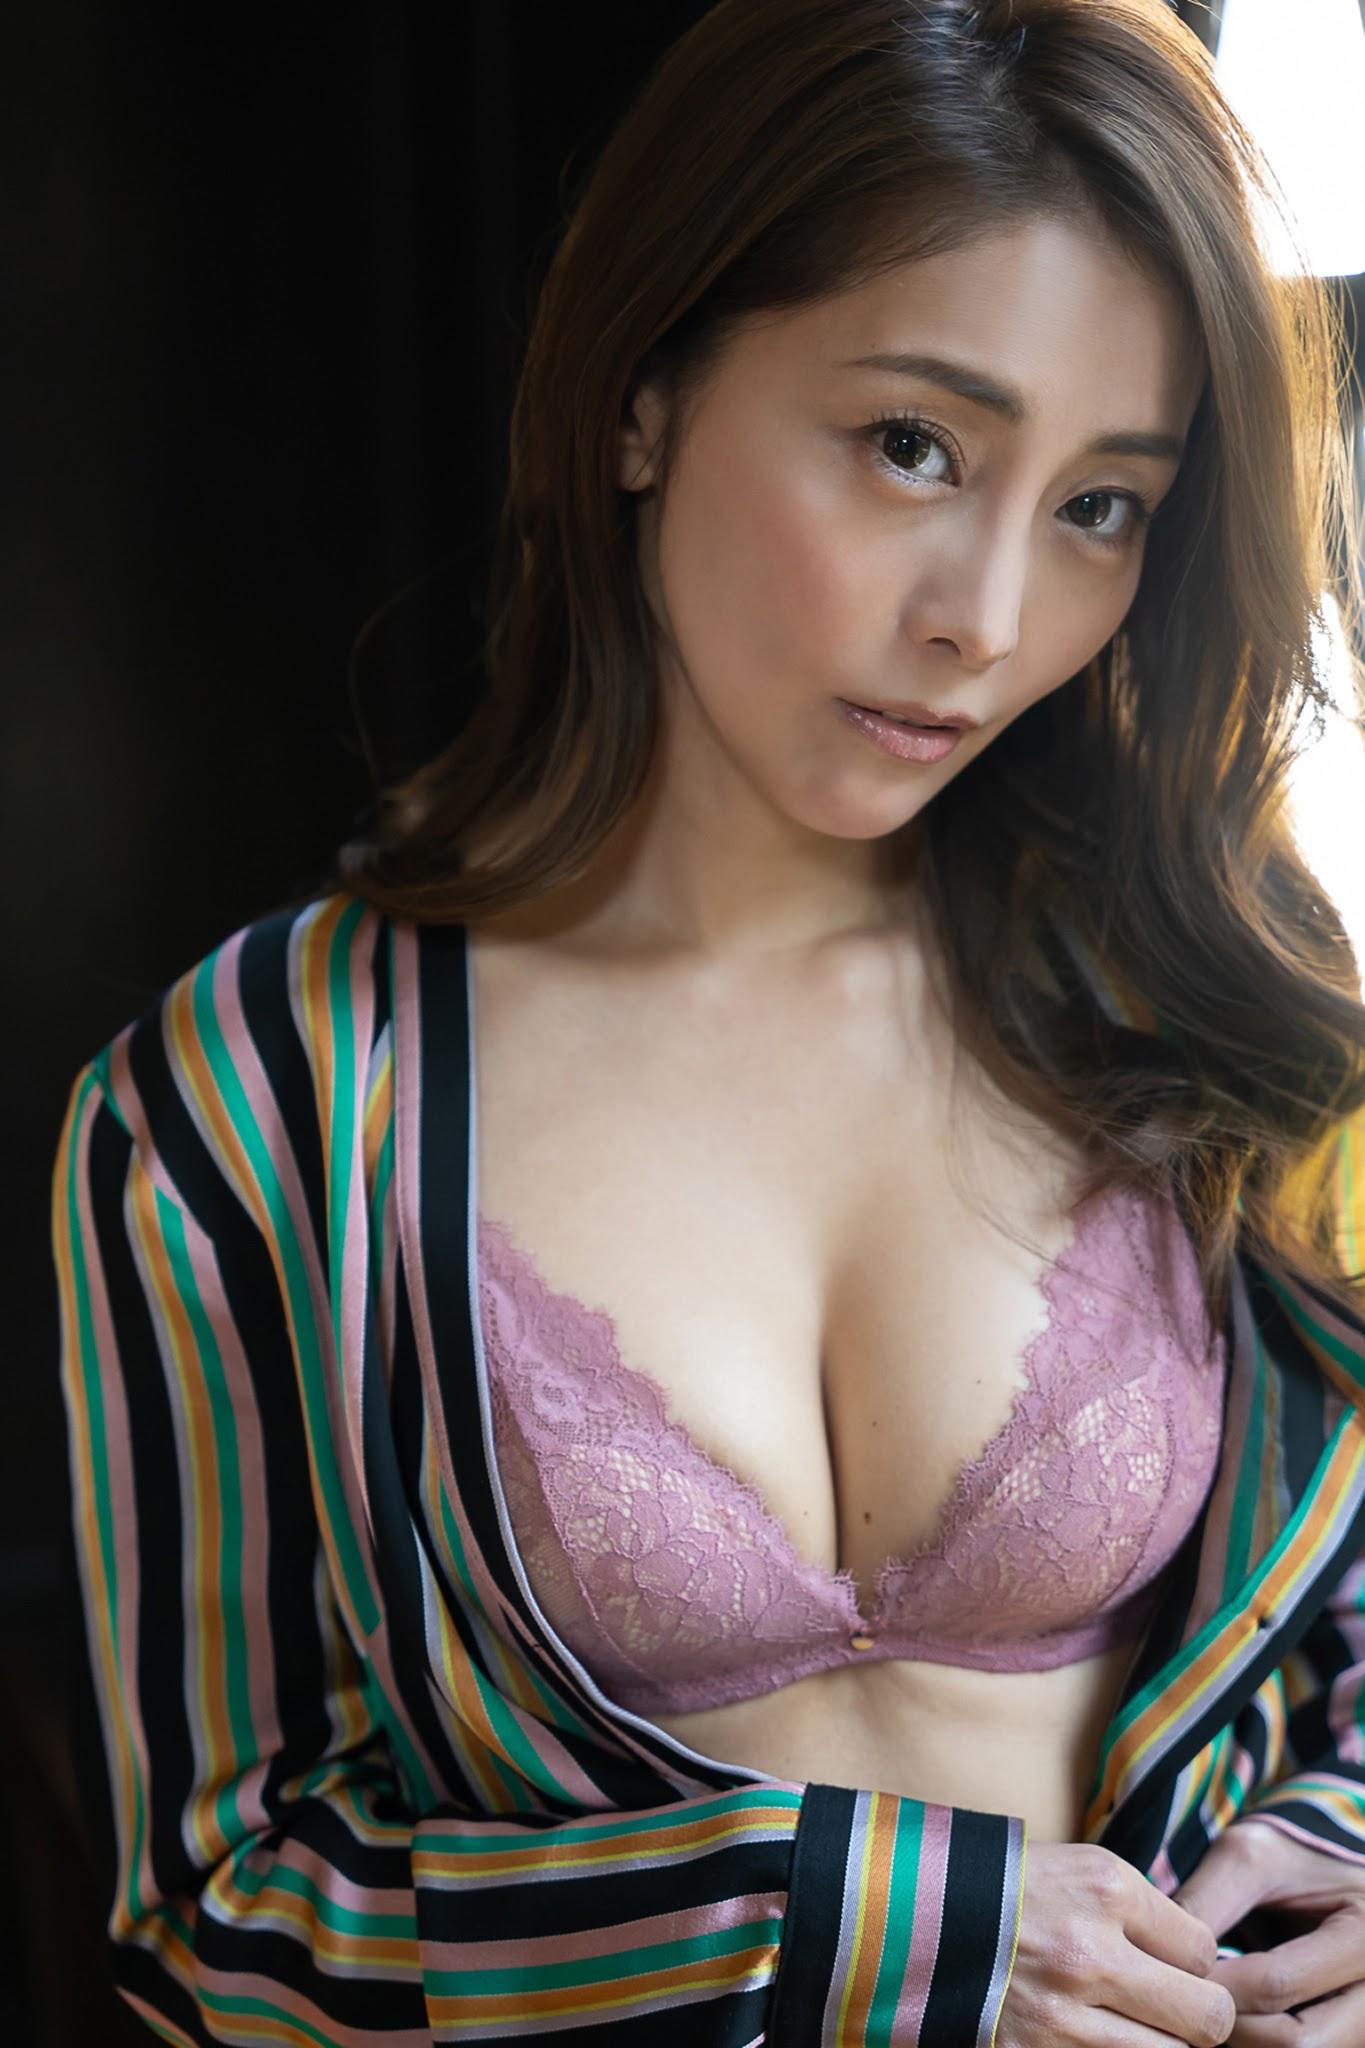 成熟性感无法挡!《熊切あさ美》40岁的冶艳性感女人最知道![30P]